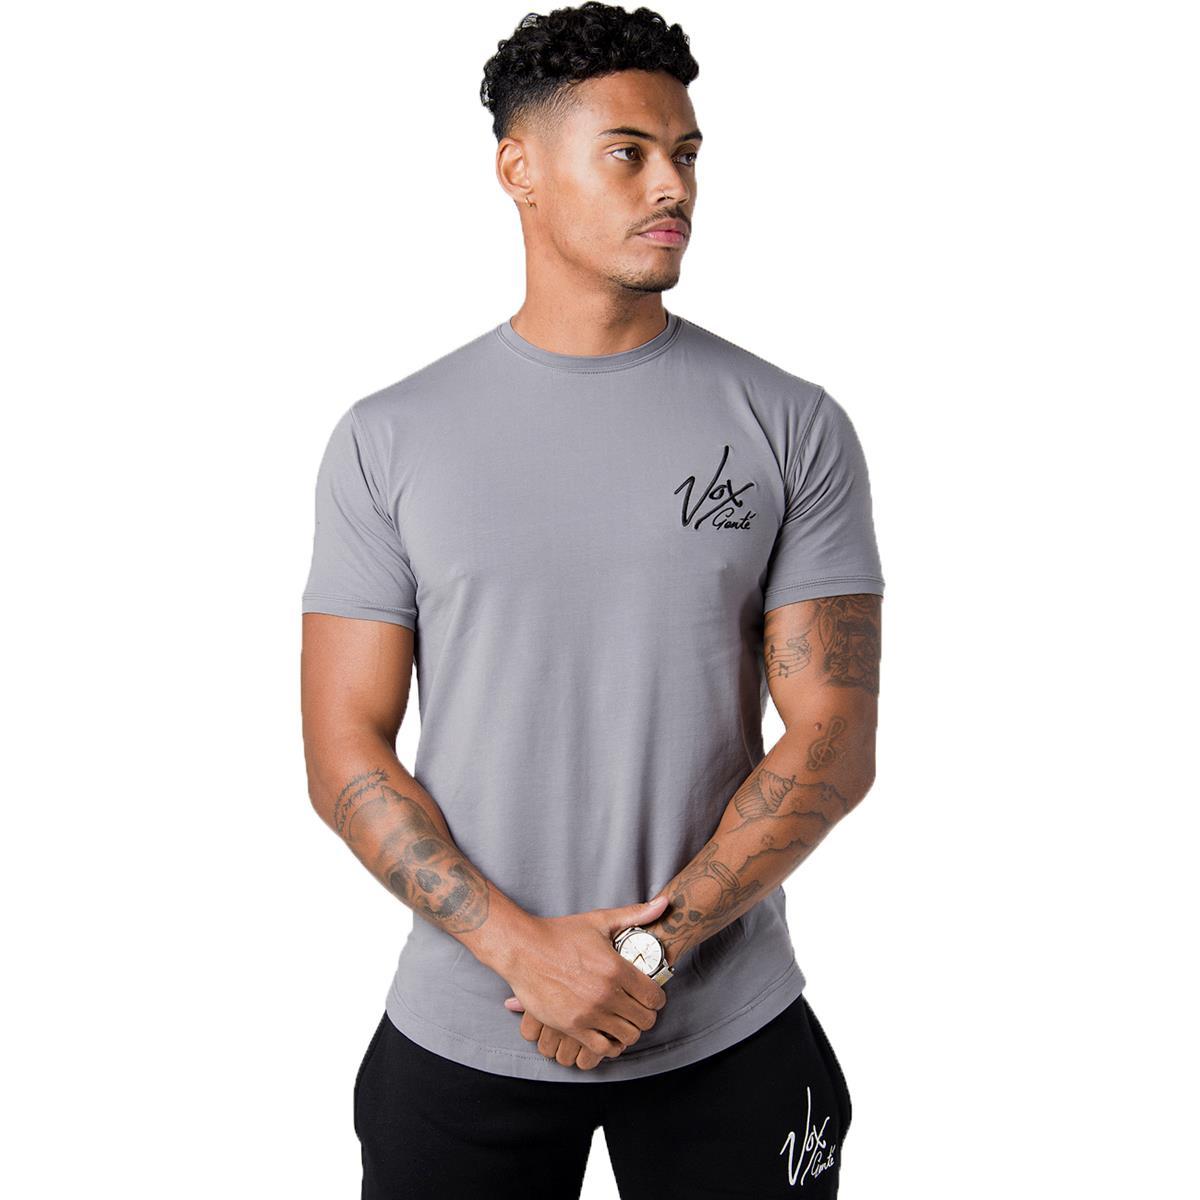 Vox gente mens muscle fit longline short sleeve tee shirt for Long line short sleeve t shirt